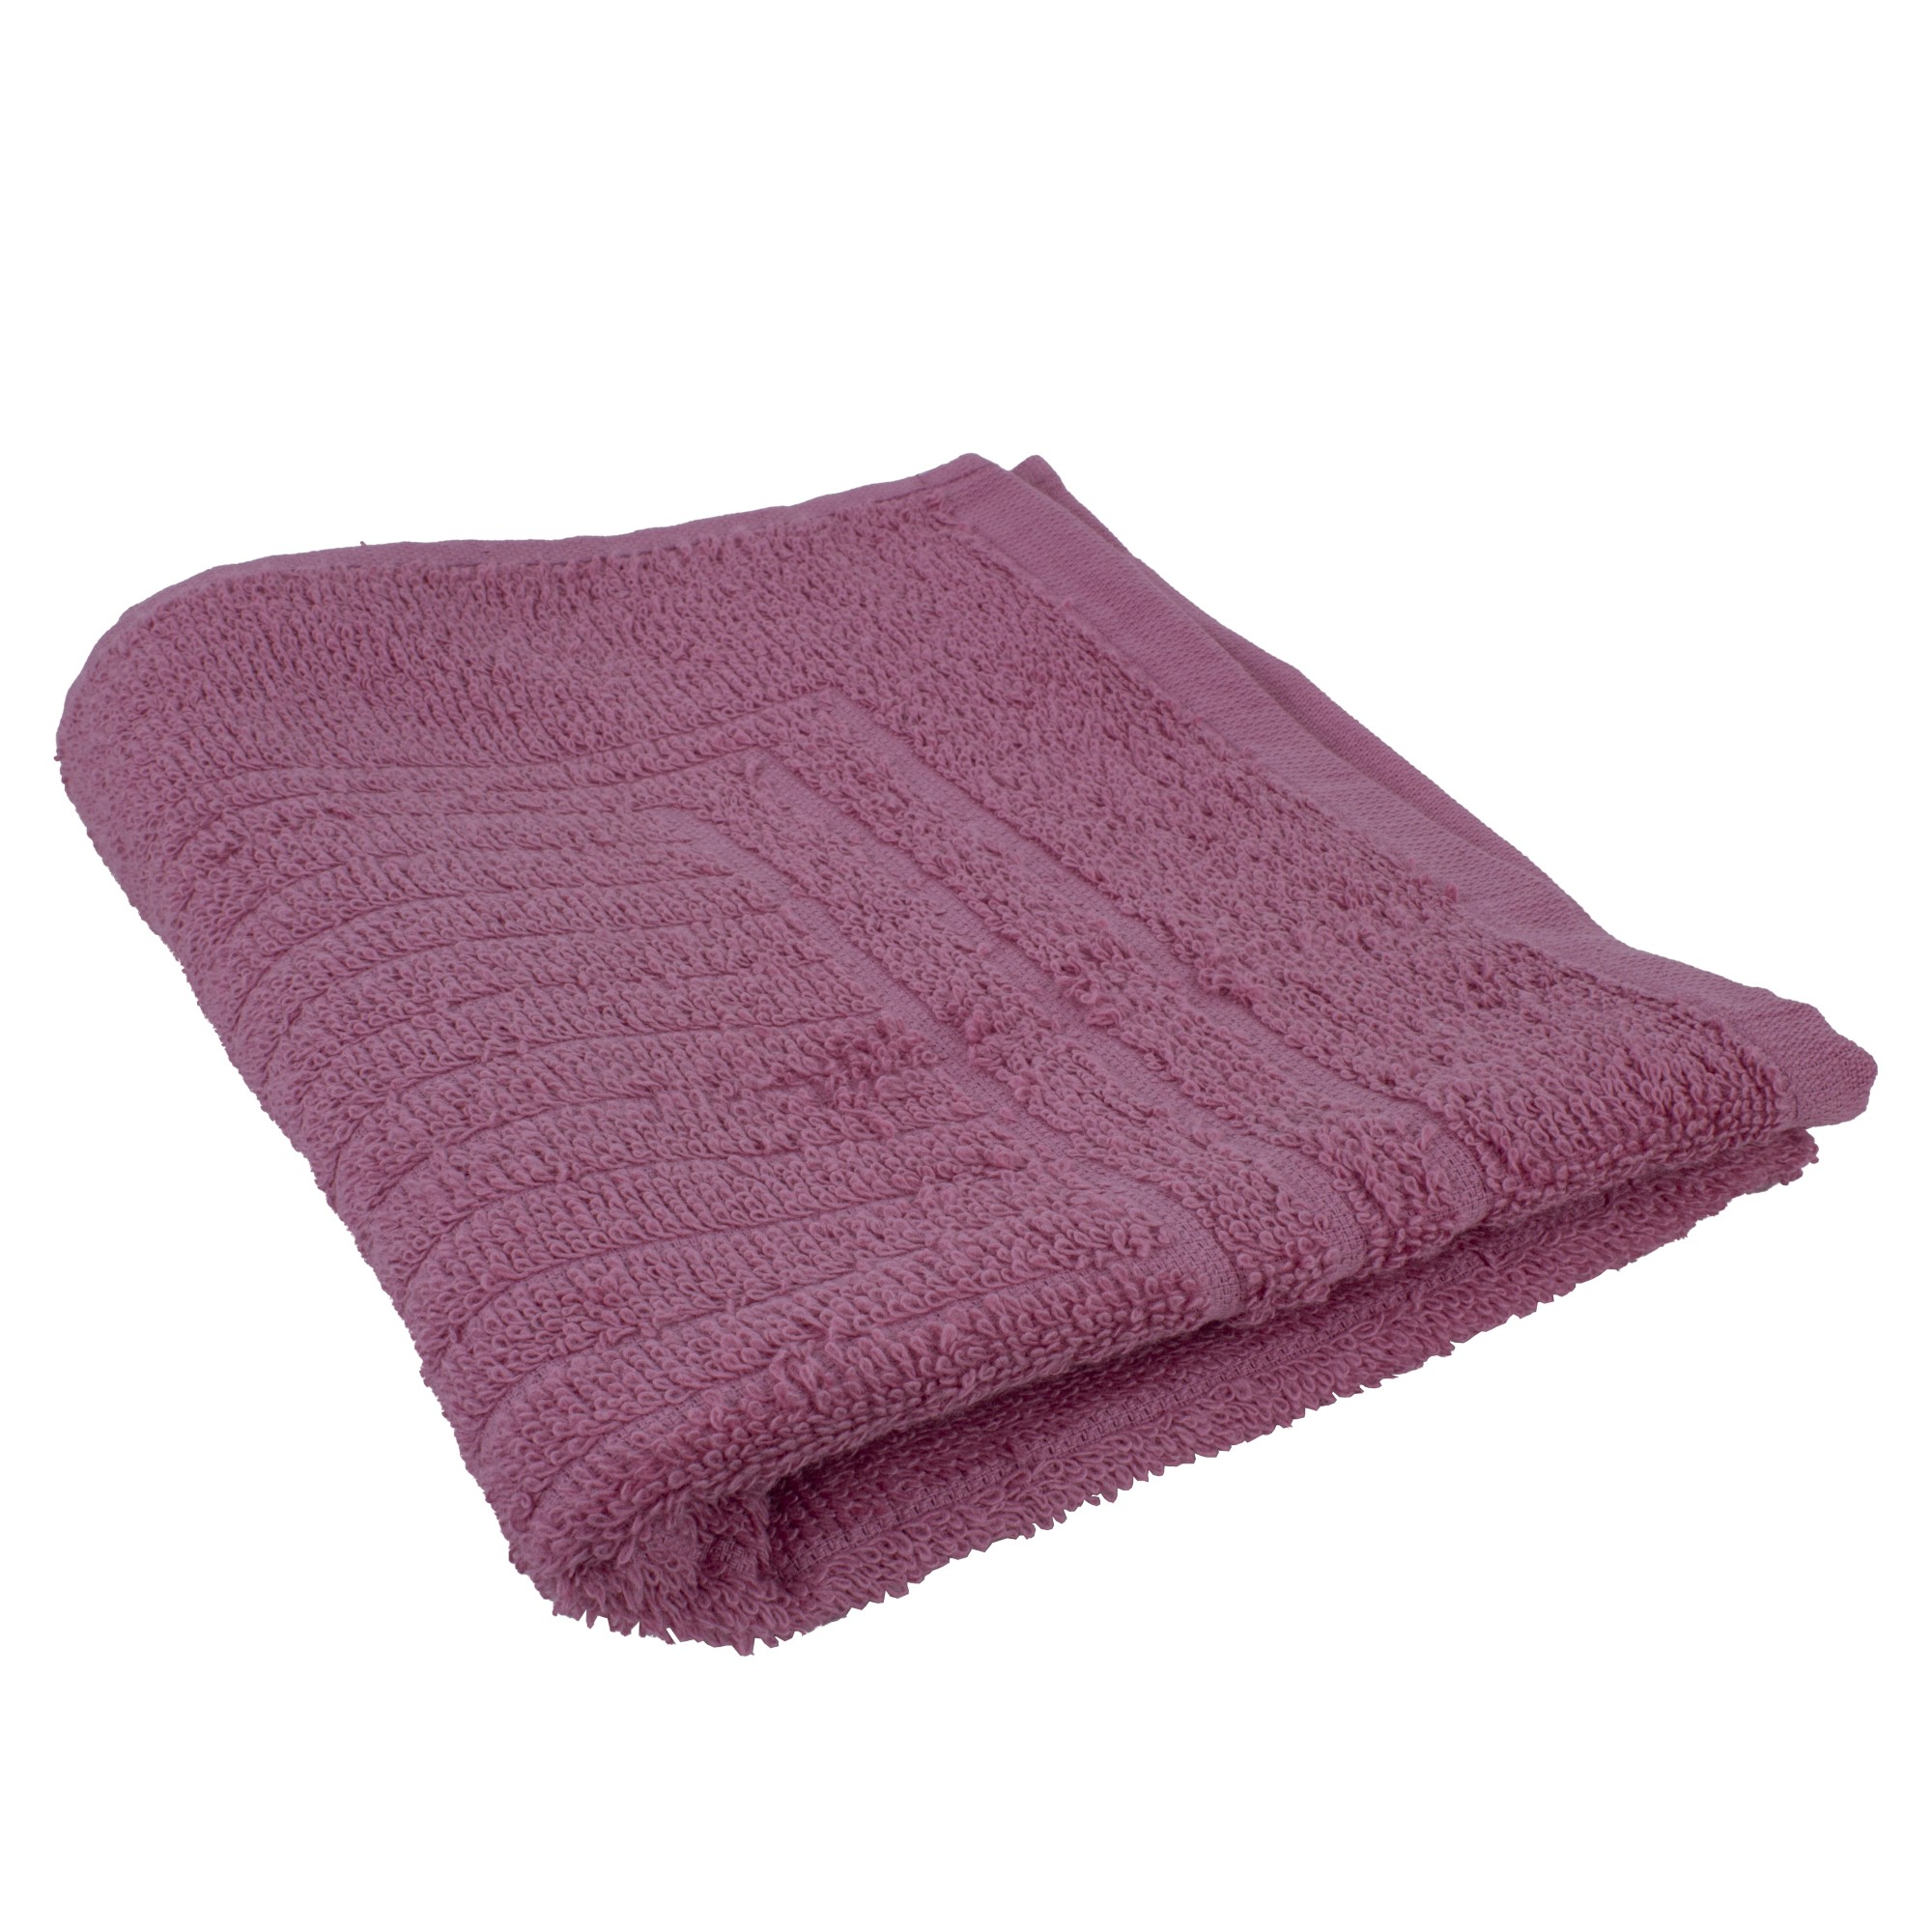 Toalha de Piso Cedro 45x70 cm 100 algodao Rosa - Santista